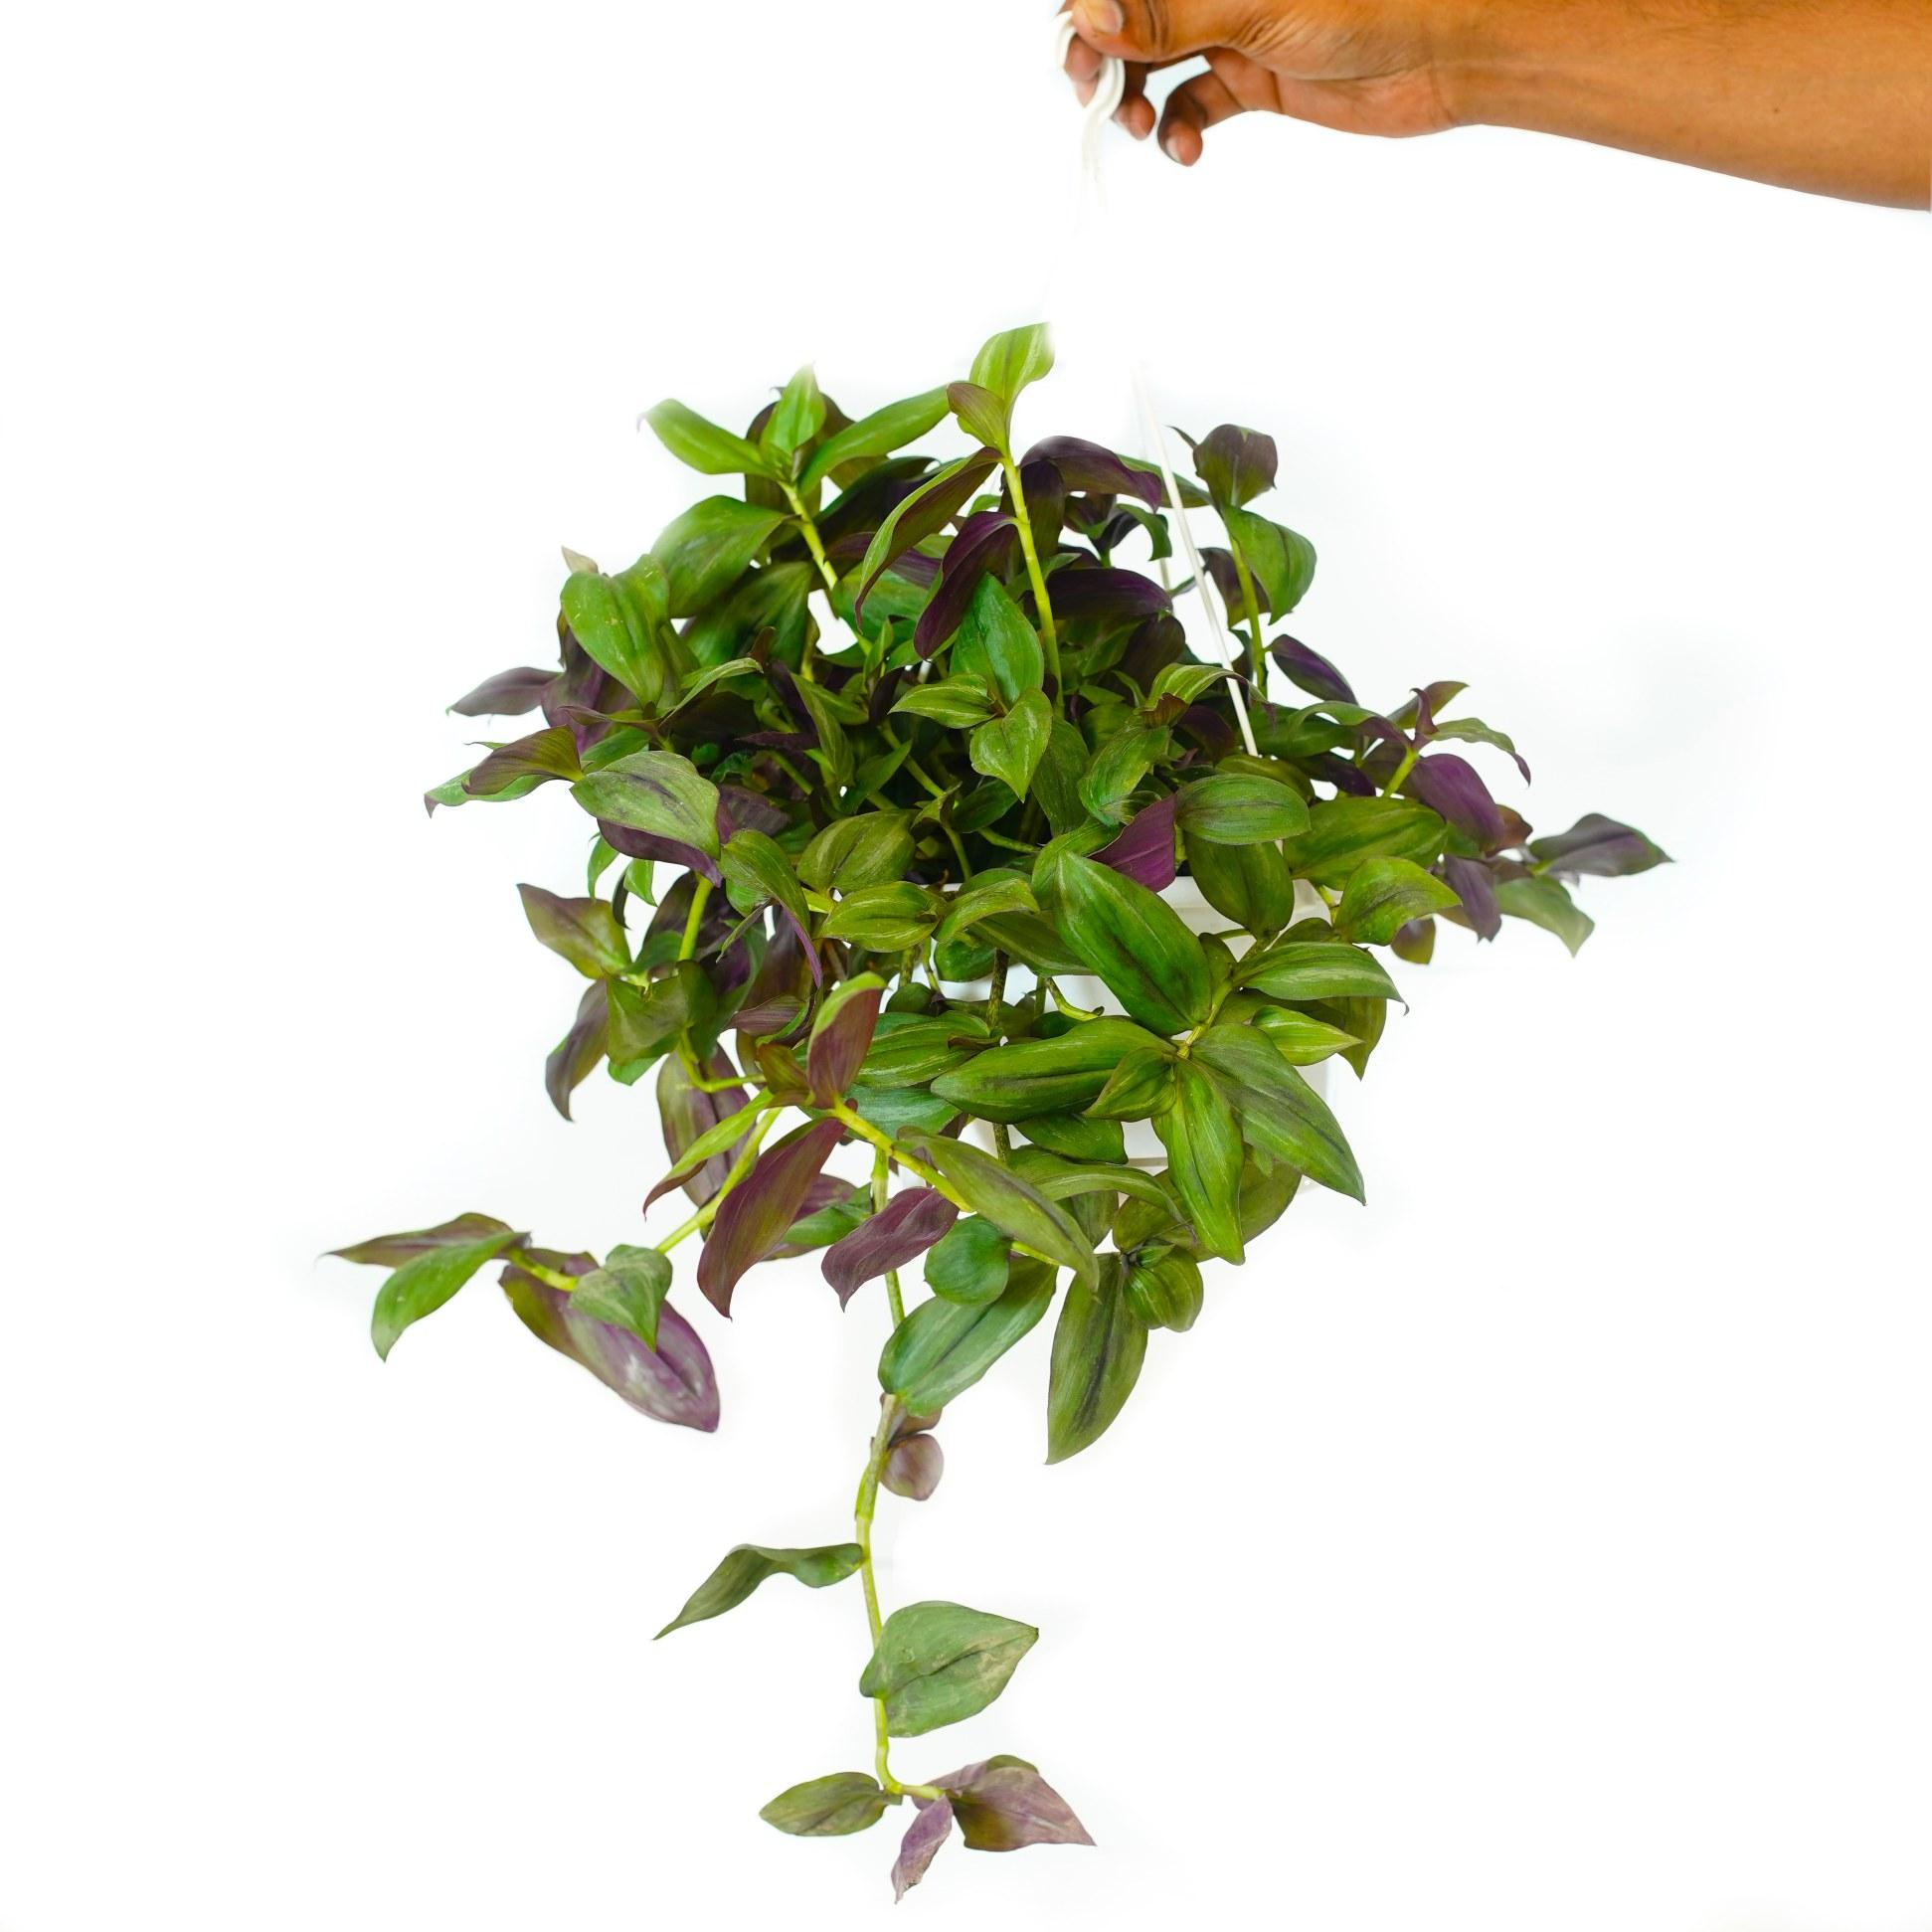 ترادسكانتيا جرين هيل 'نباتات داخلية'